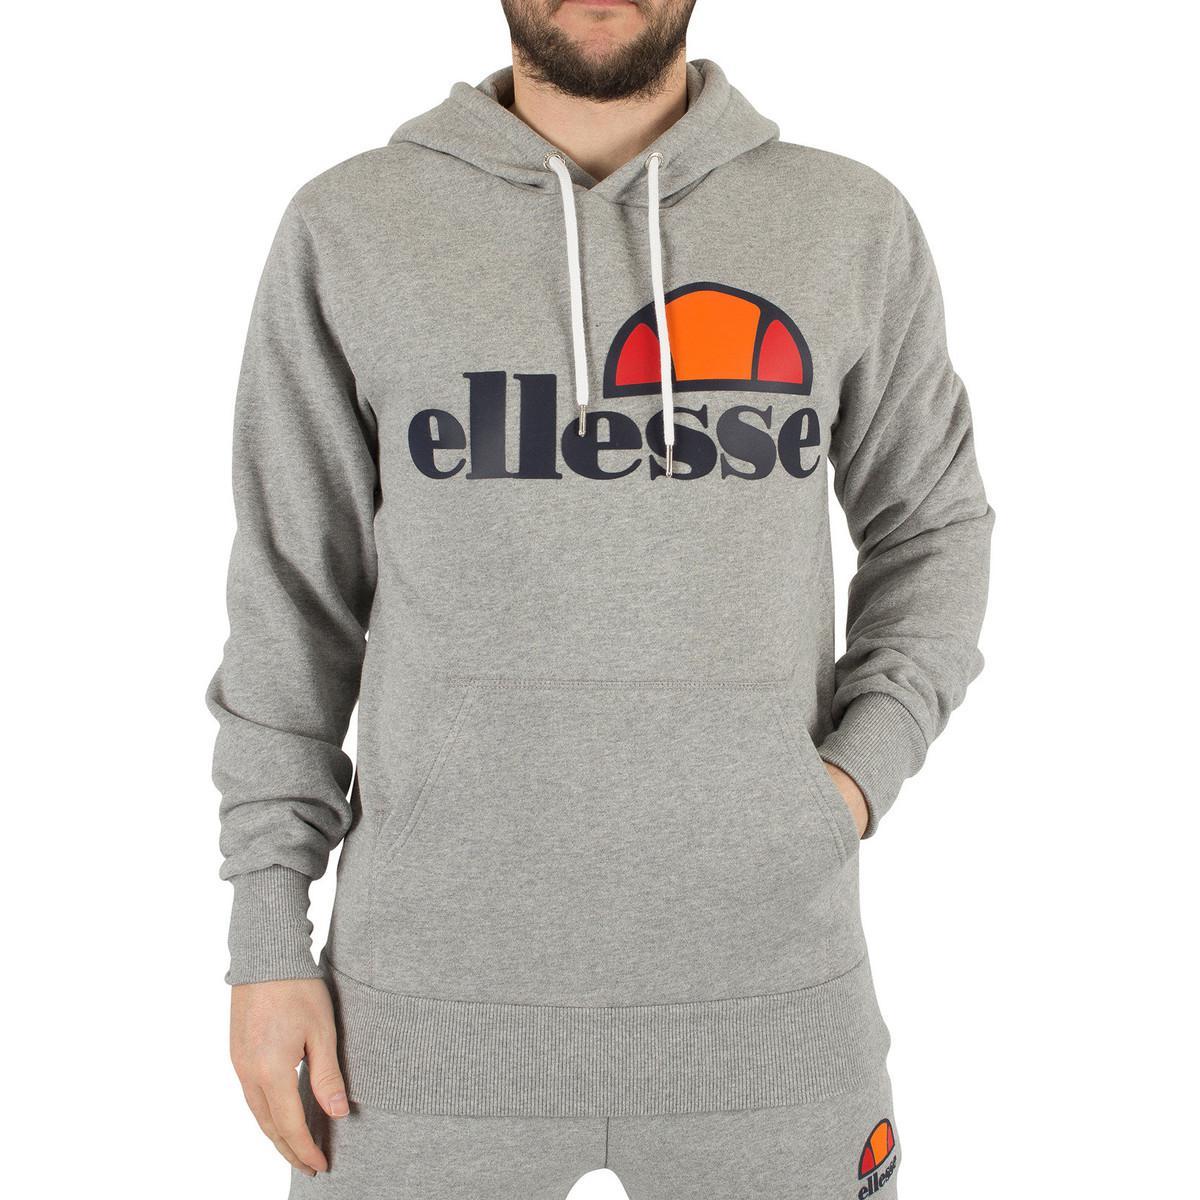 Ellesse Men s Gottero Graphic Hoodie ddc638c4c6f